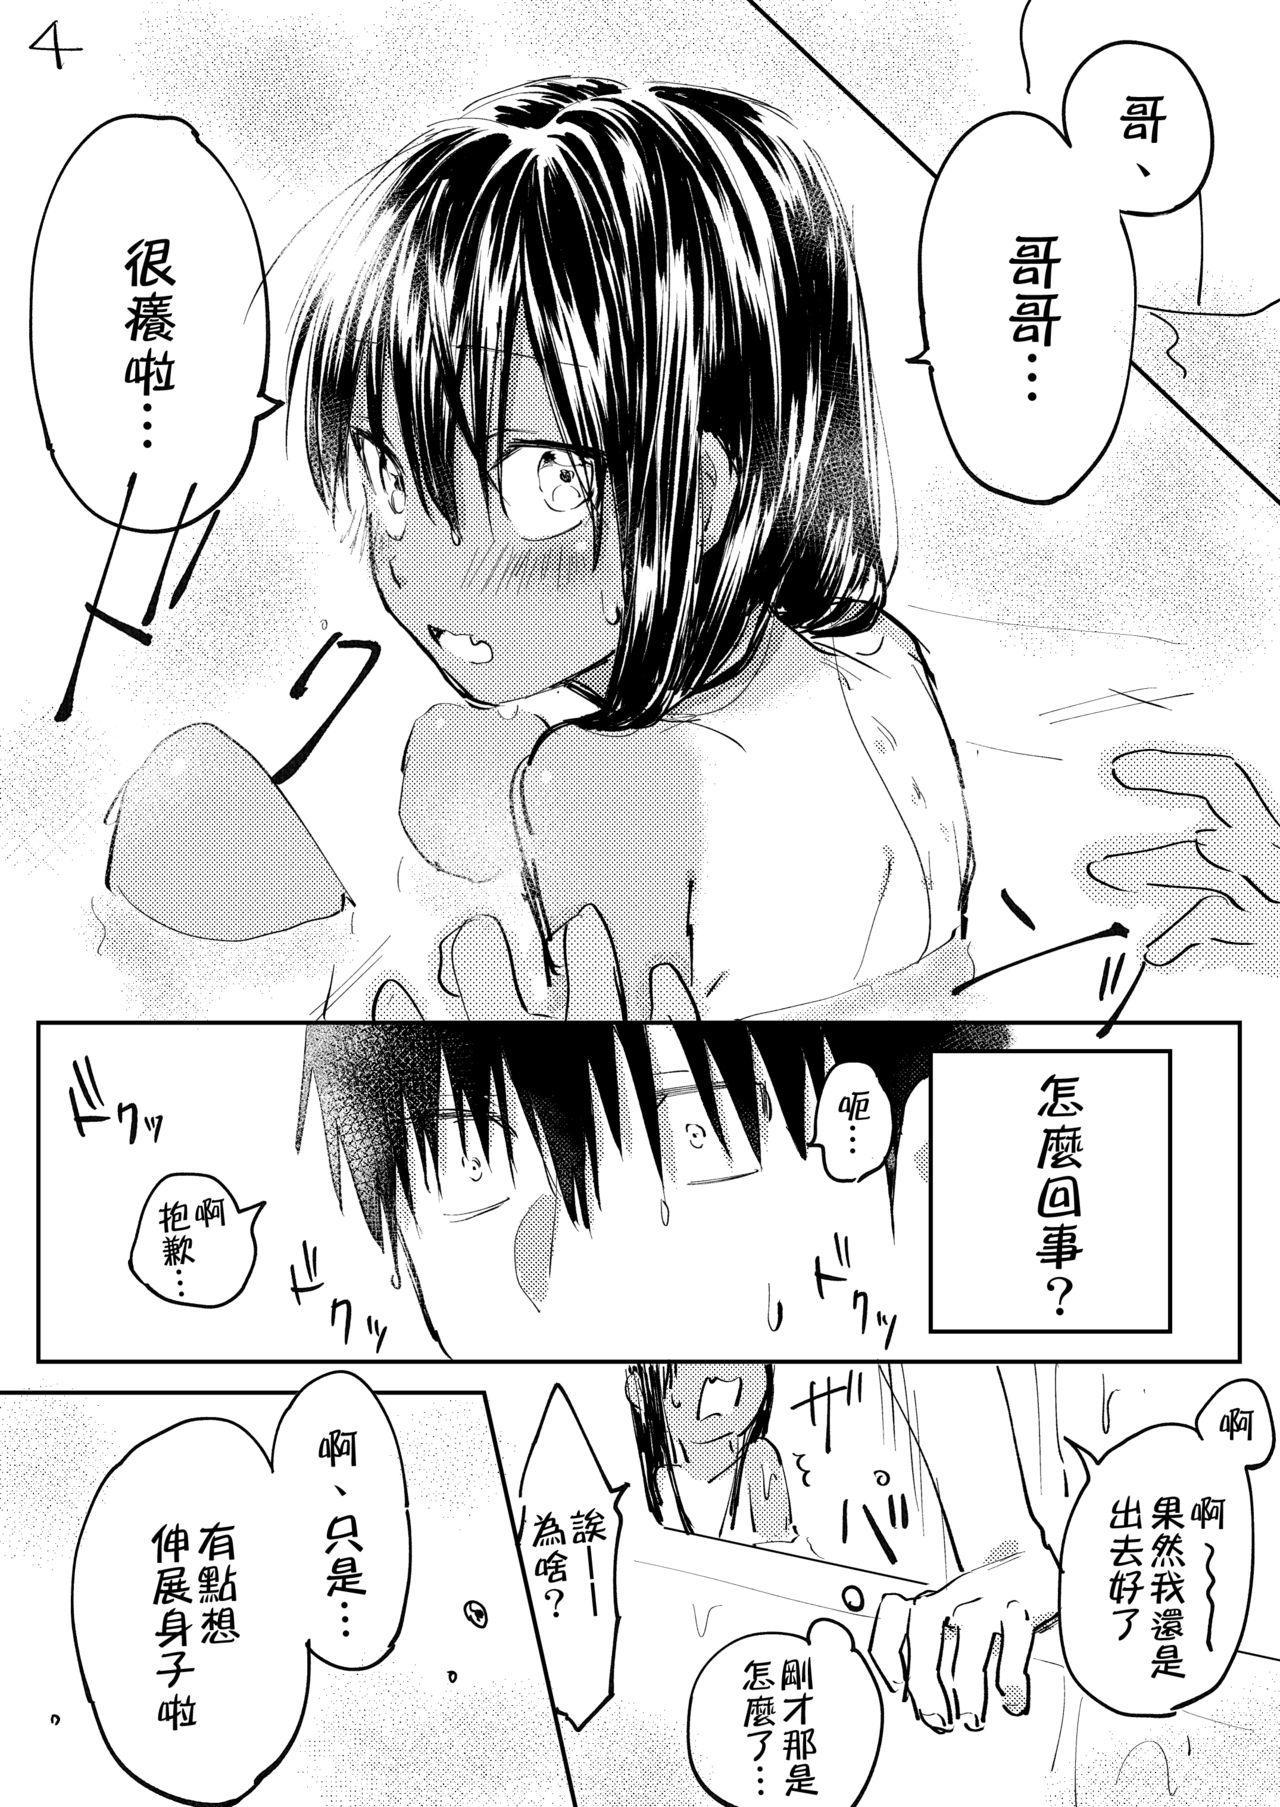 Inaka ni Kaeru to Yakeni Jiben ni Natsuita Kasshoku Ponytail Shota ga Iru 7